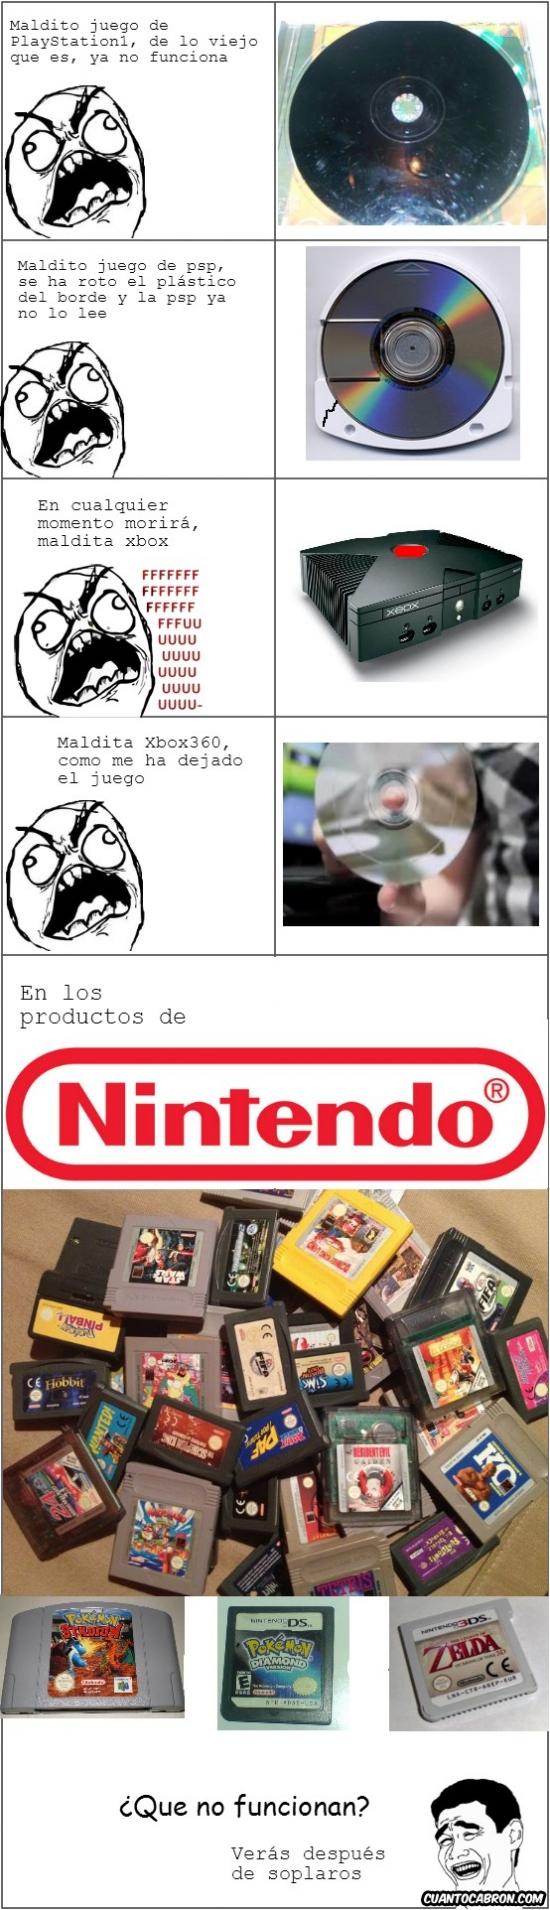 Yao - Las ventajas de los cartuchos de Nintendo